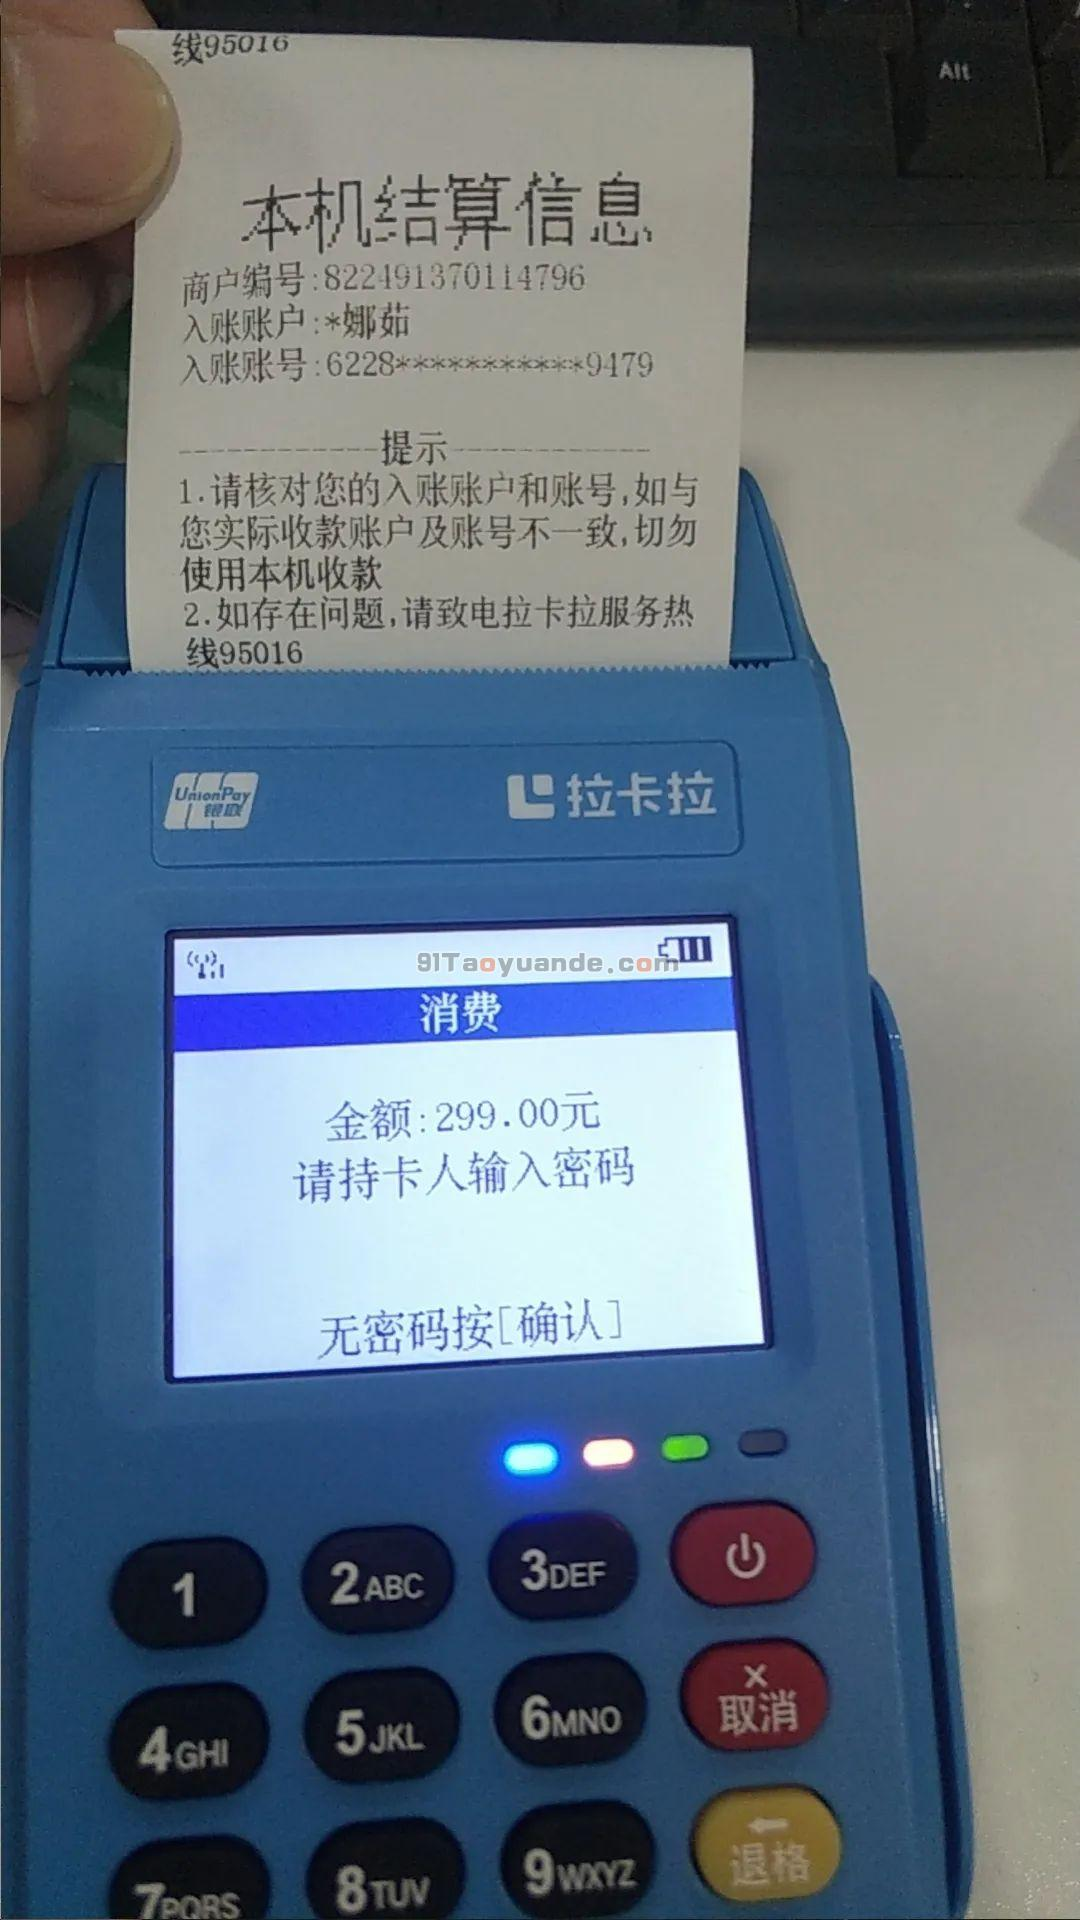 拉卡拉传统大pos机注册流程 第18张